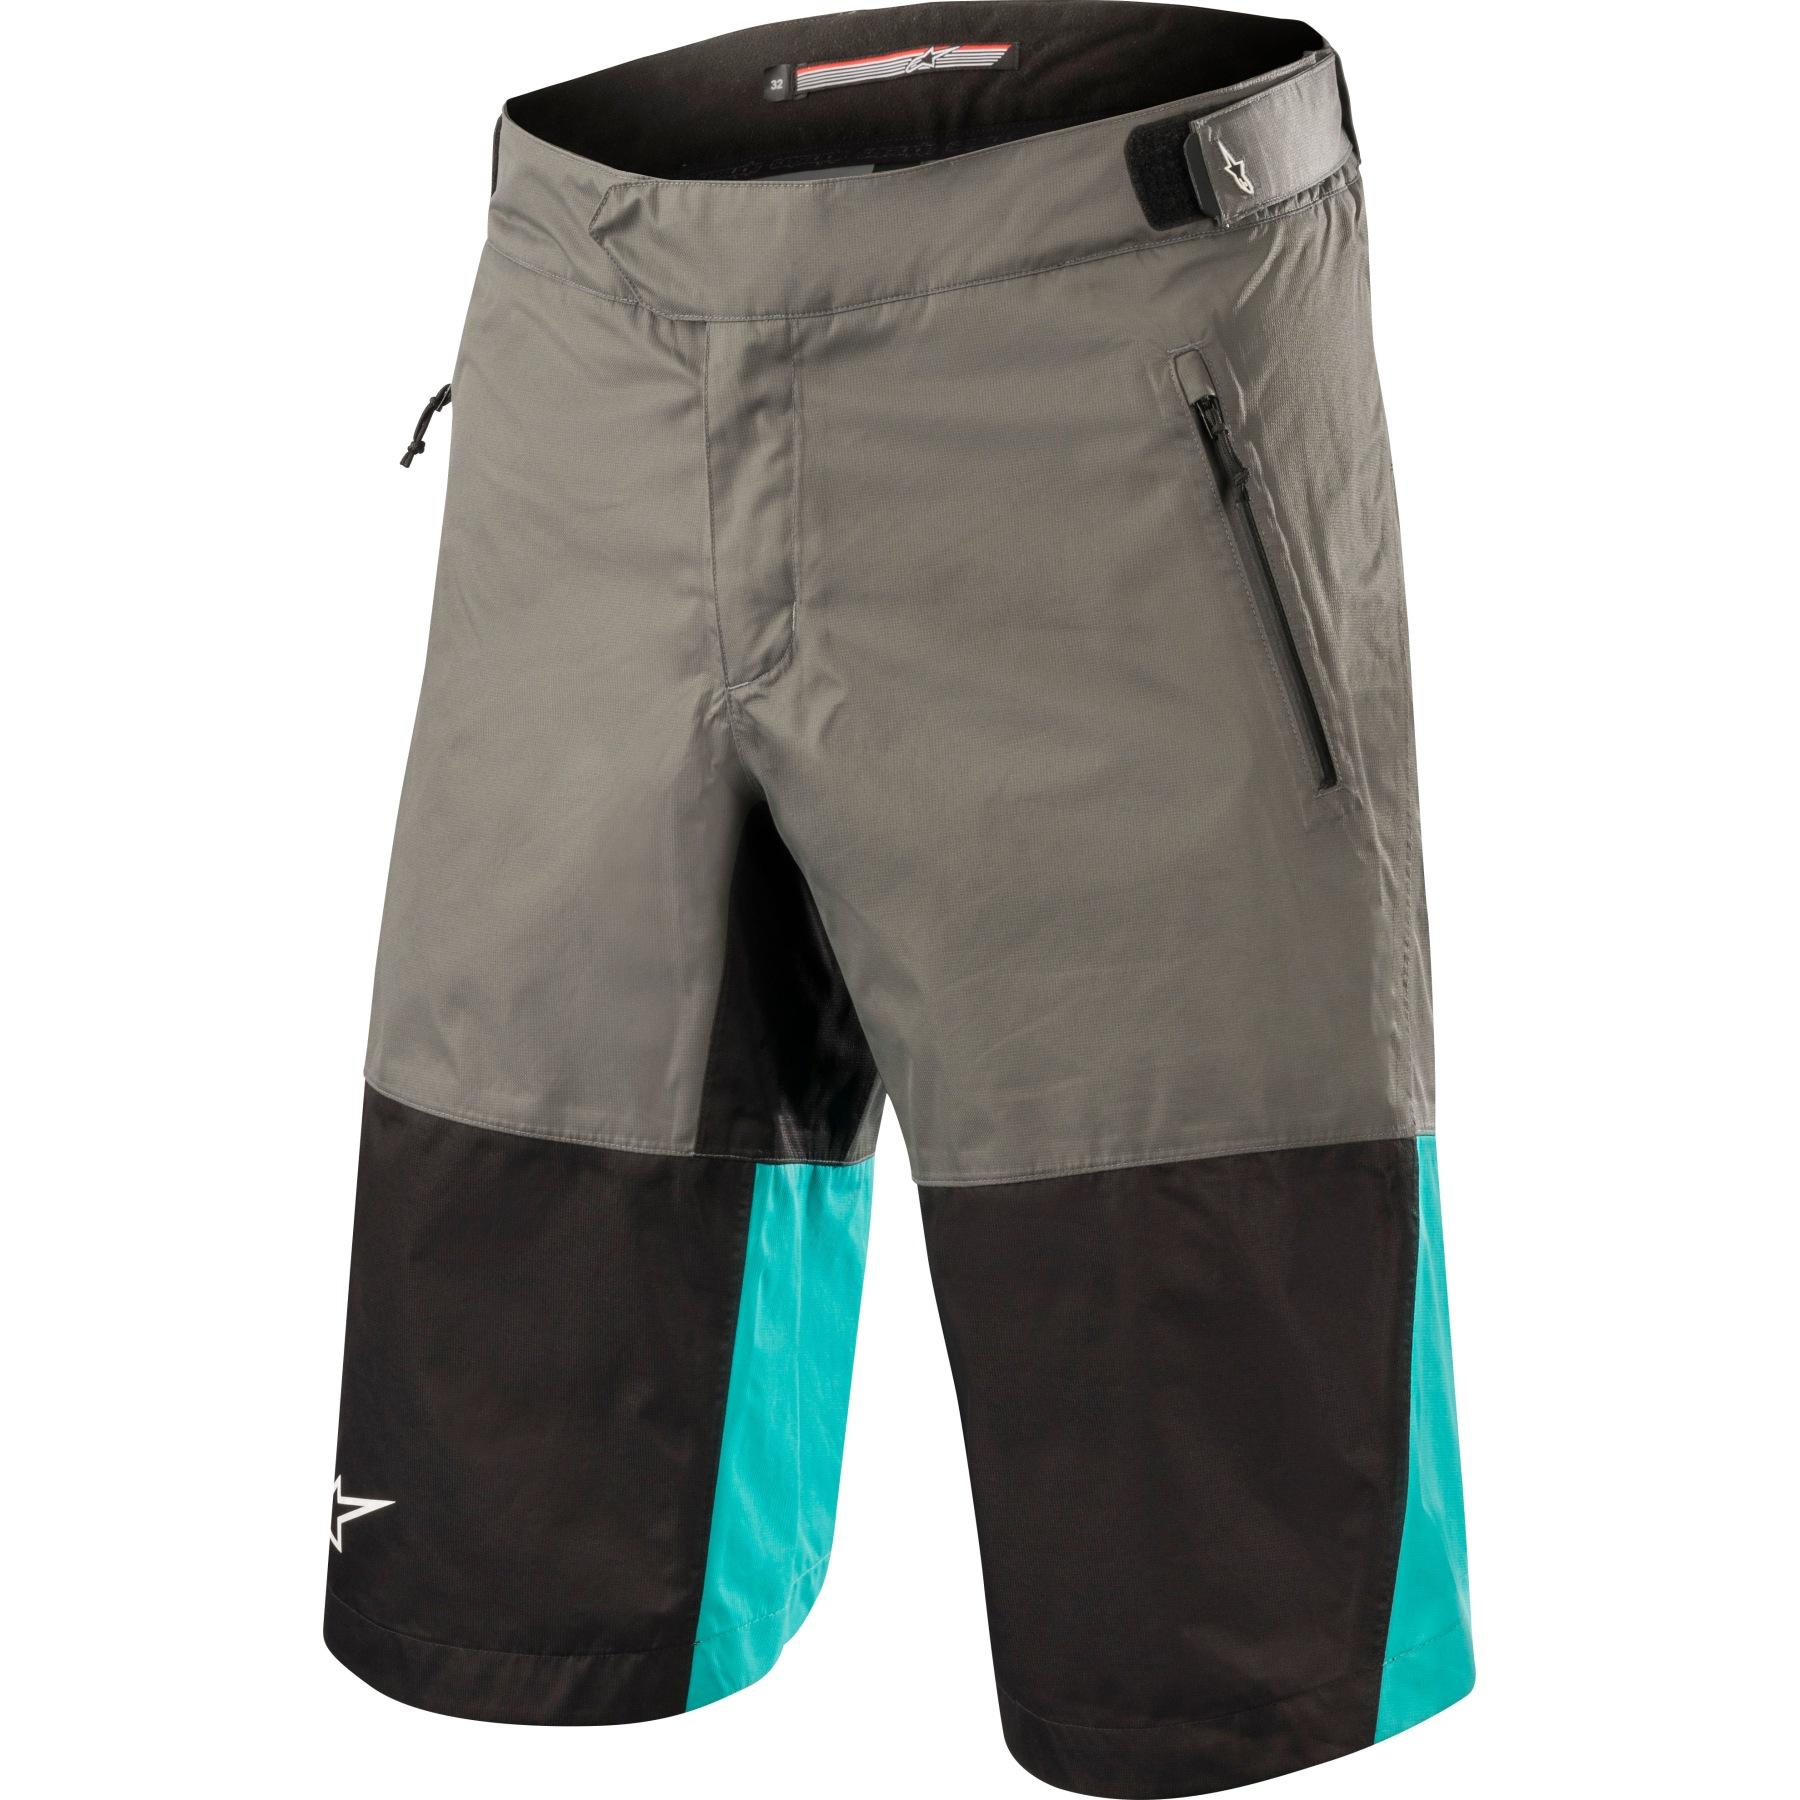 Alpinestars Tahoe WP Shorts - dark shadow/black ceramic